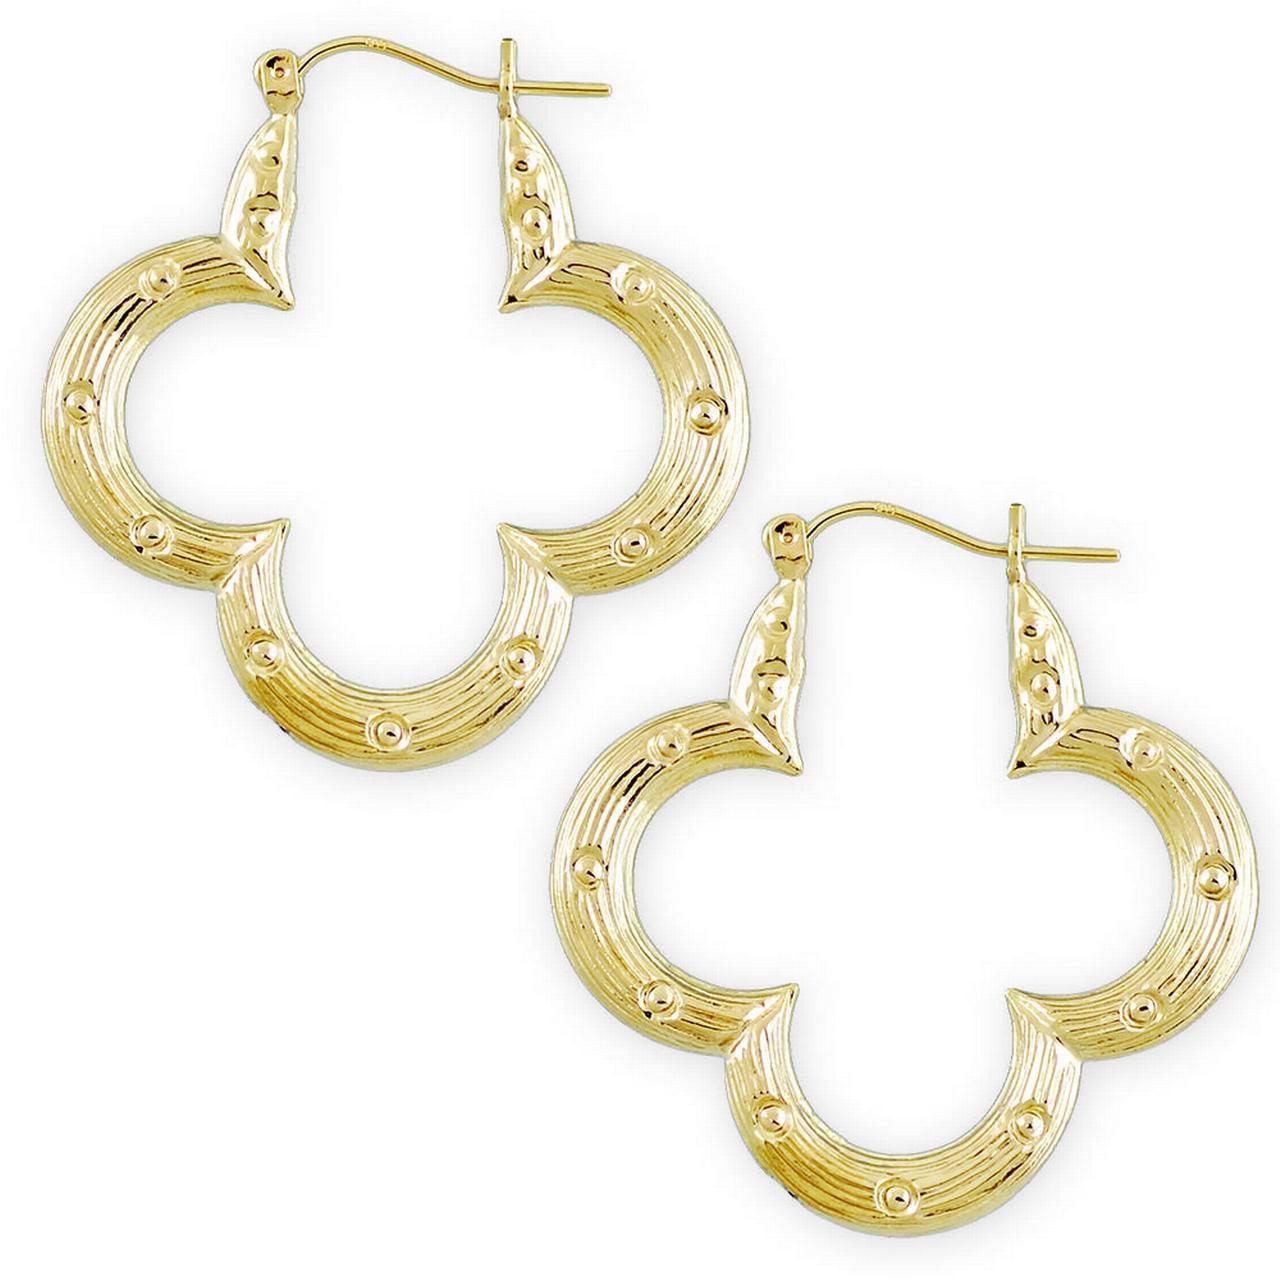 10k Yellow Gold Flower Shape Bamboo Hoop Earrings 1 1 2 Inch